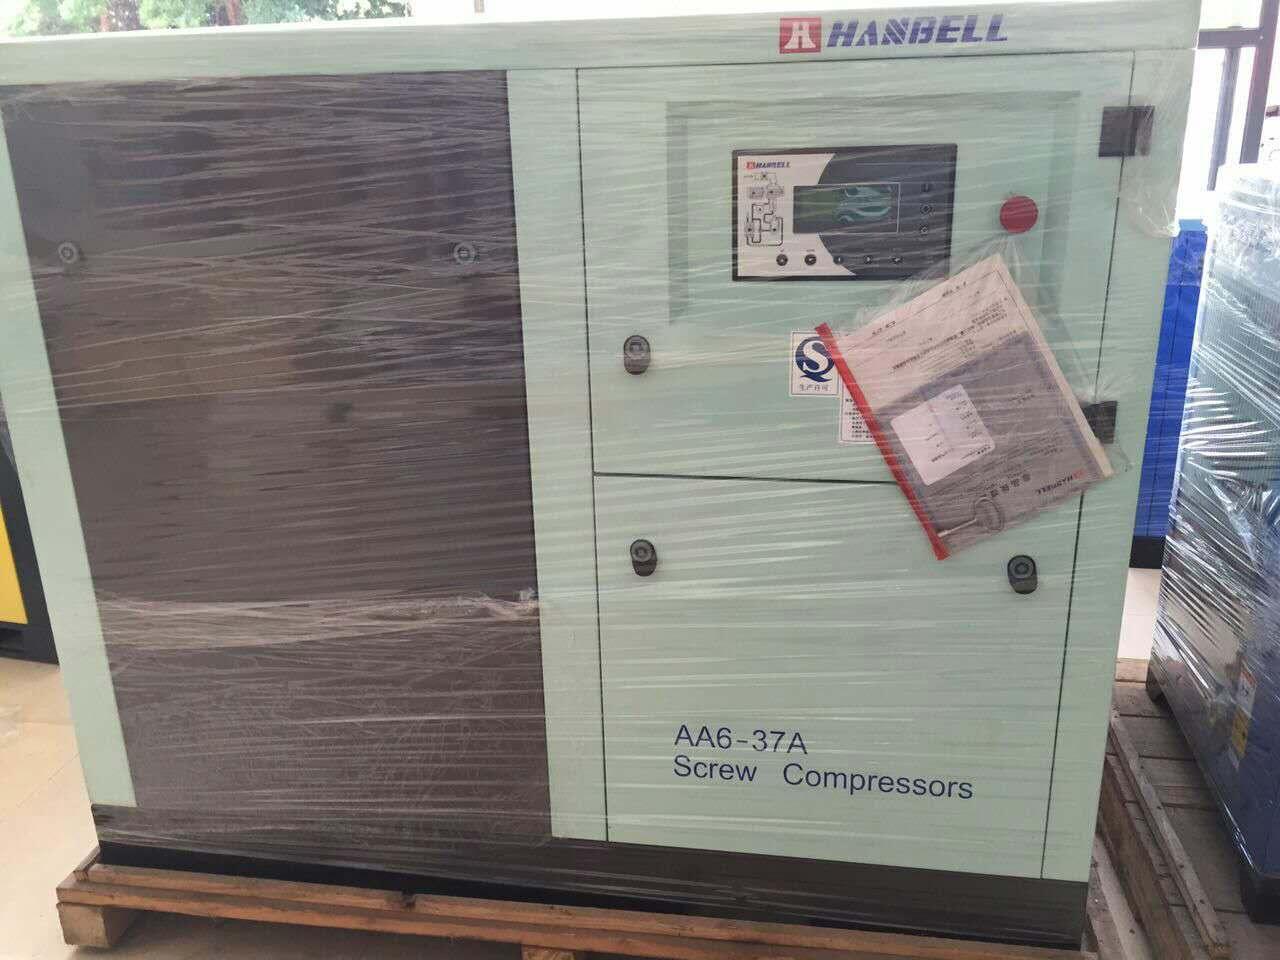 泉州汉钟螺杆空压机_厂家直销,晋江空压机专业售后维修保养